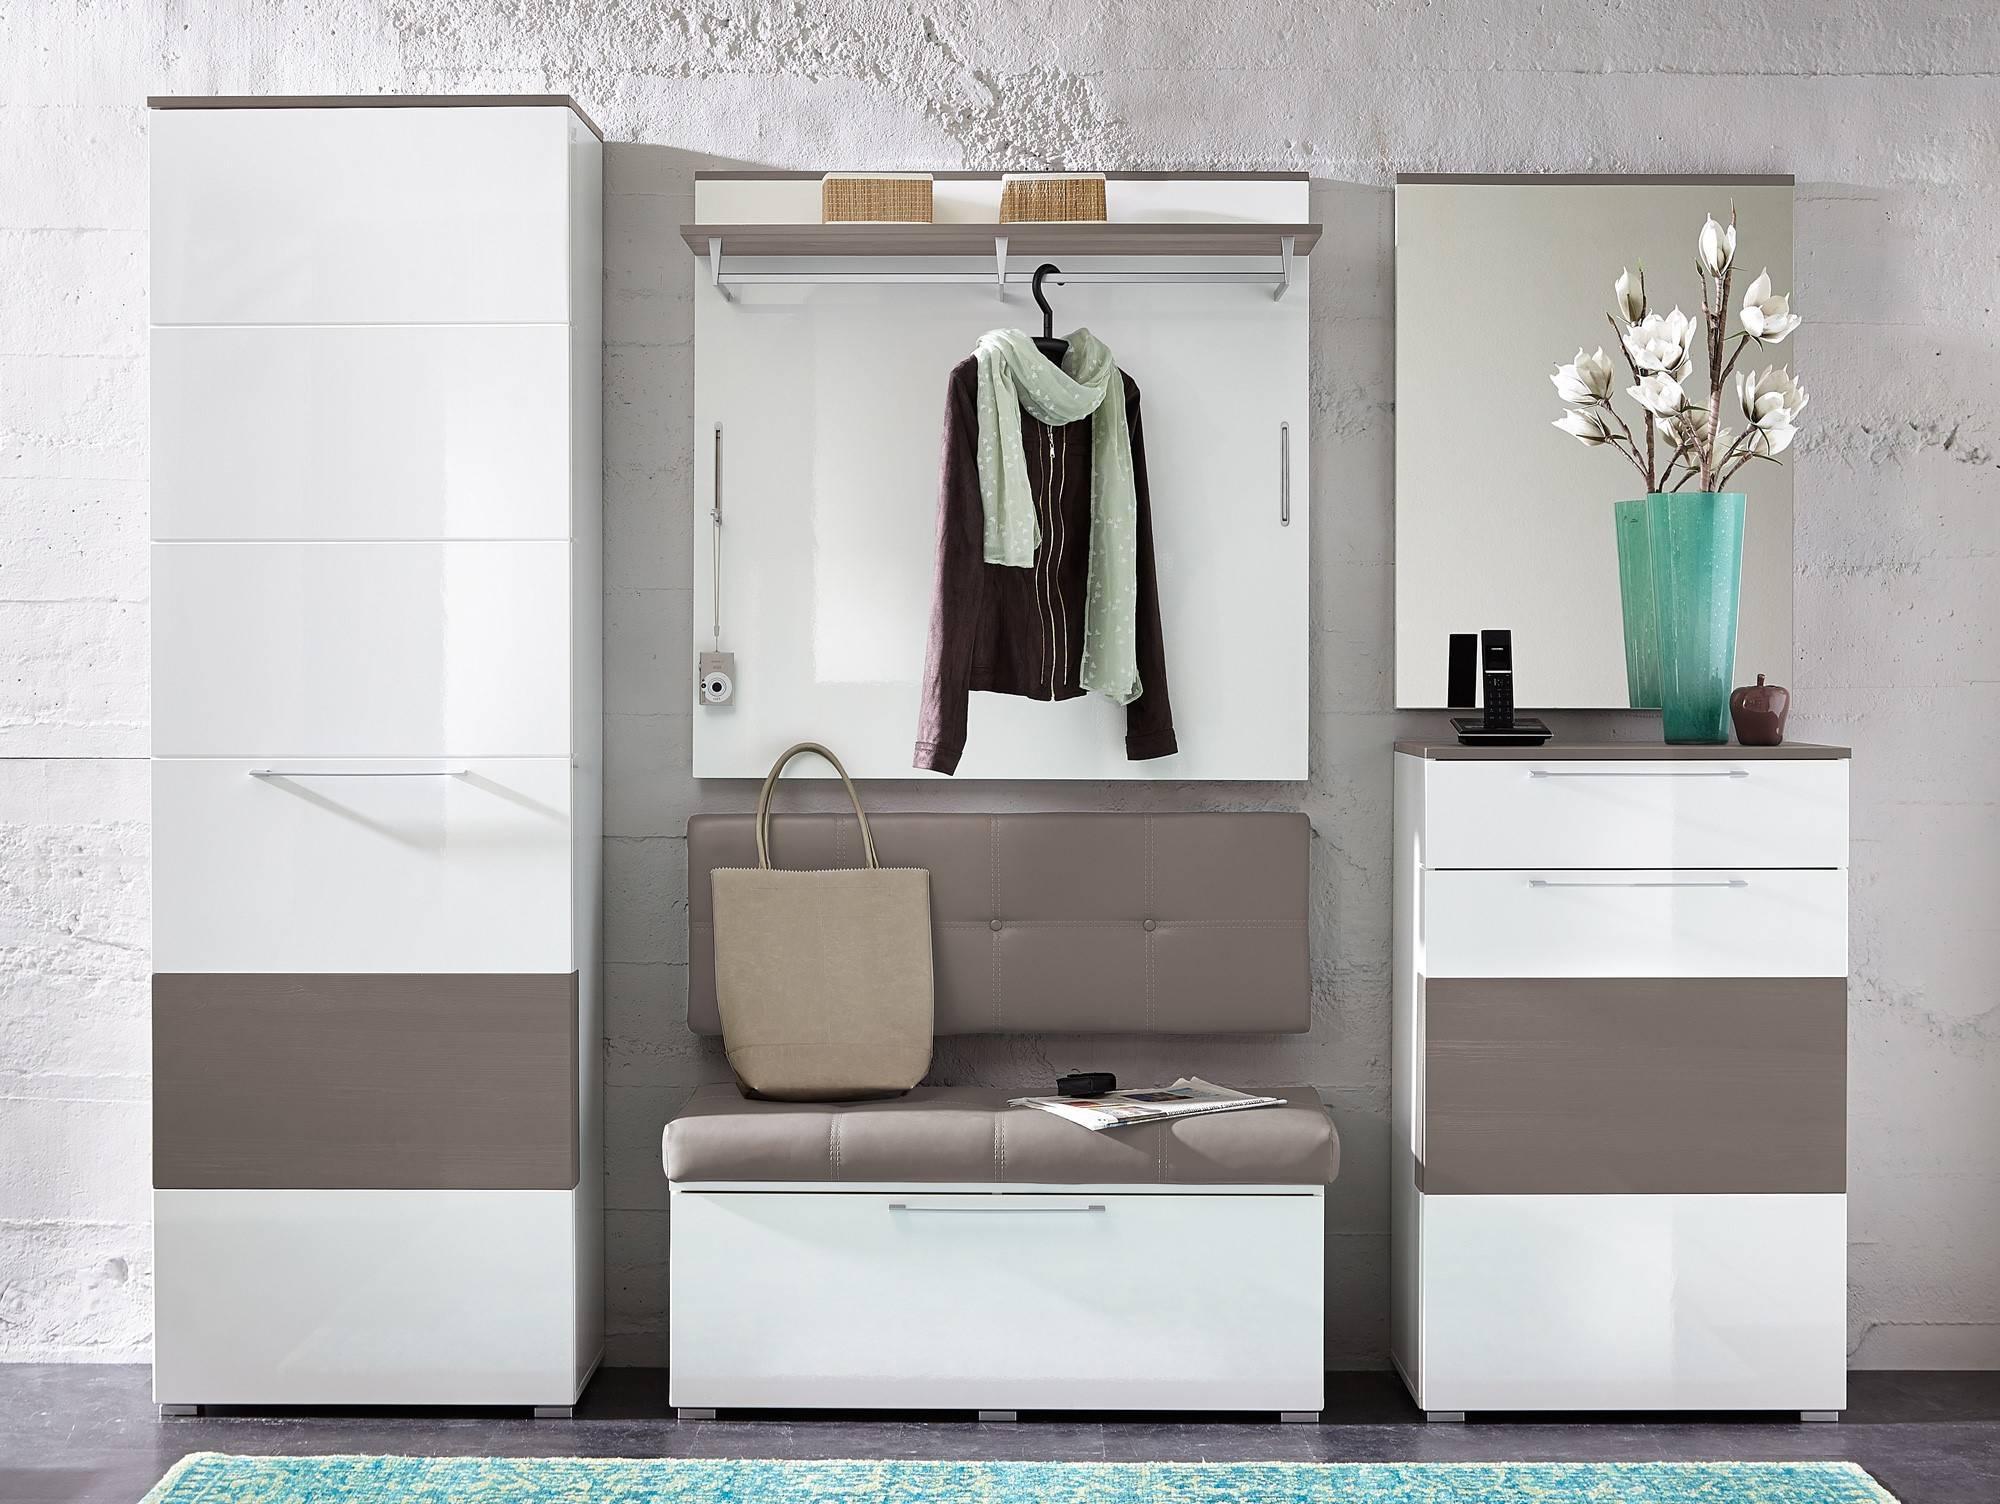 deko wohnzimmer gemutlich awesome garderobe mit sitzbank of deko wohnzimmer gemutlich